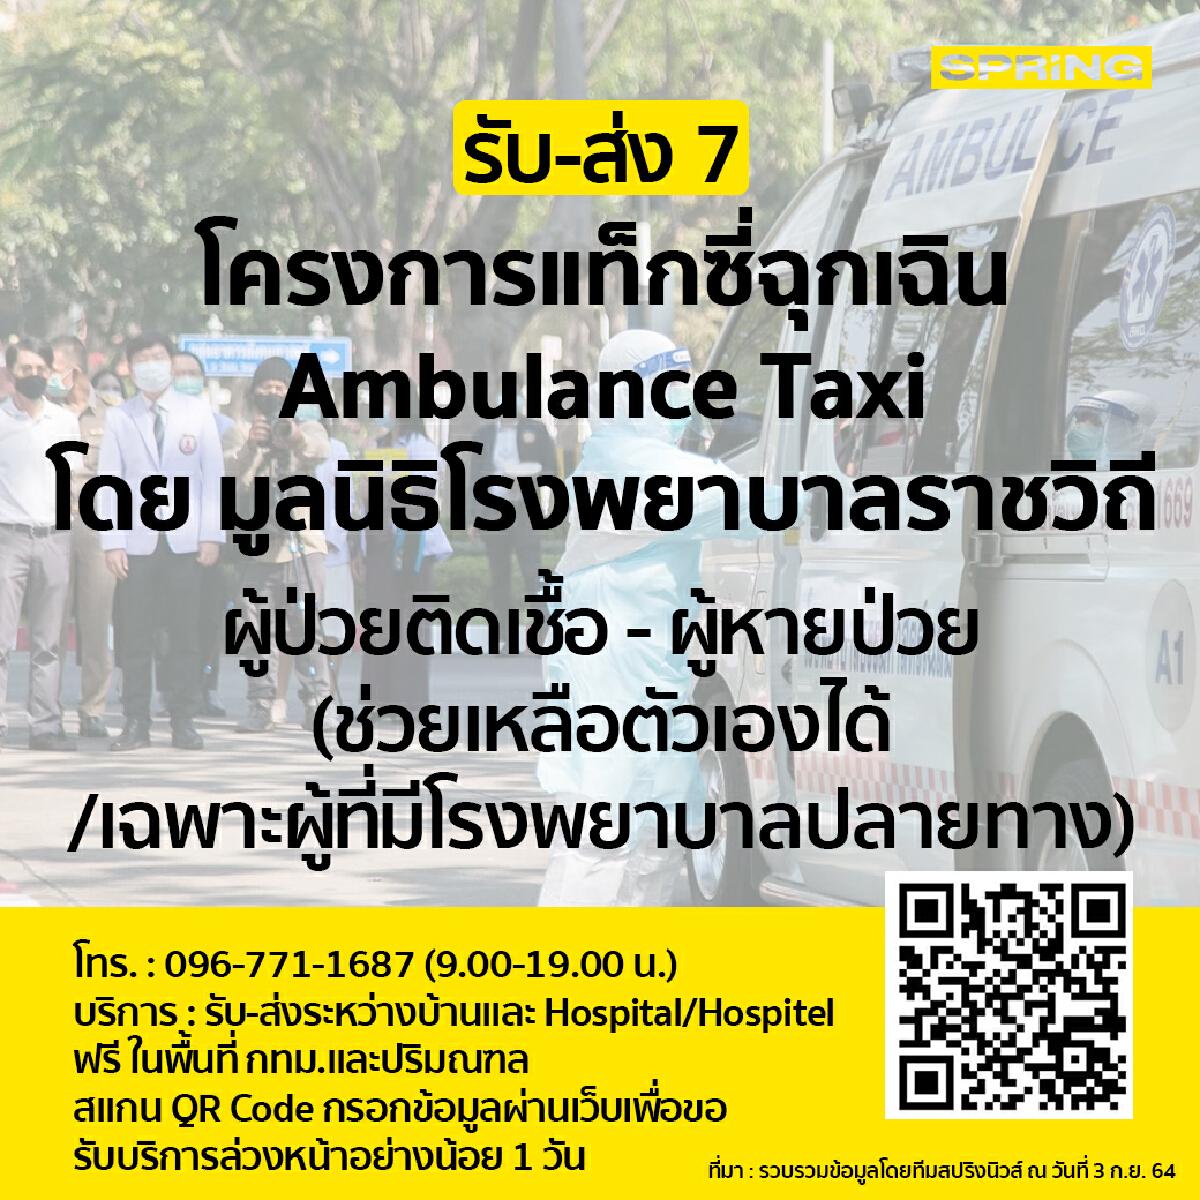 โครงการแท็กซี่ฉุกเฉิน